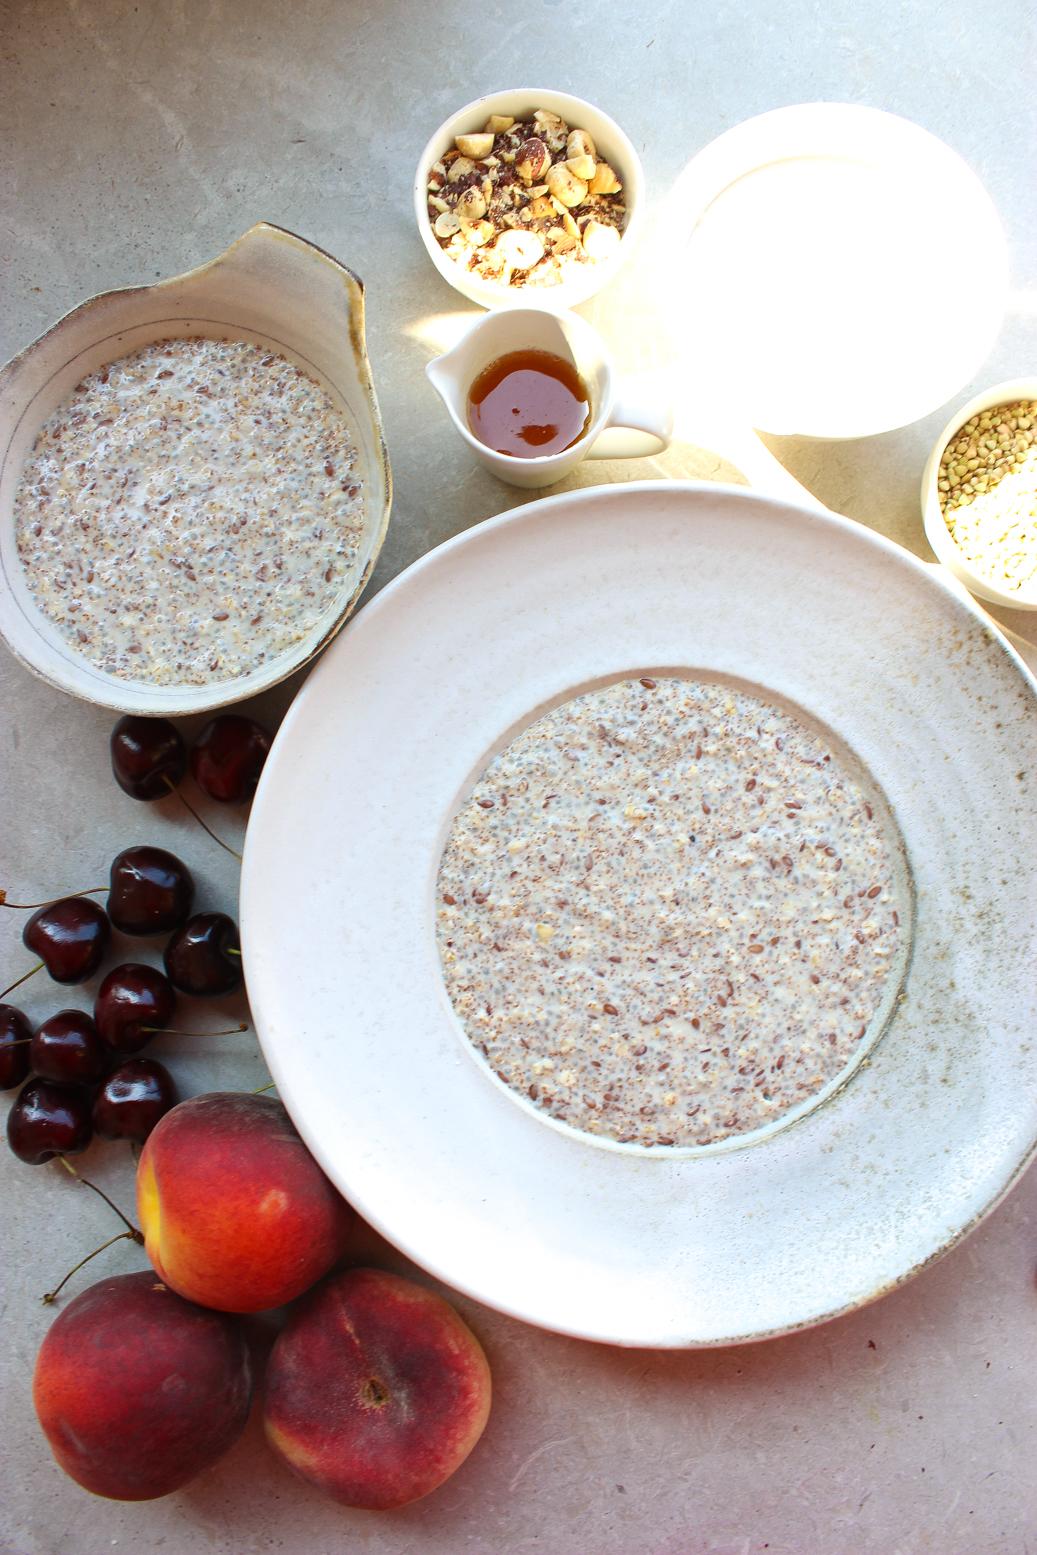 teff and flaxseed peach porridge-1-2.jpg